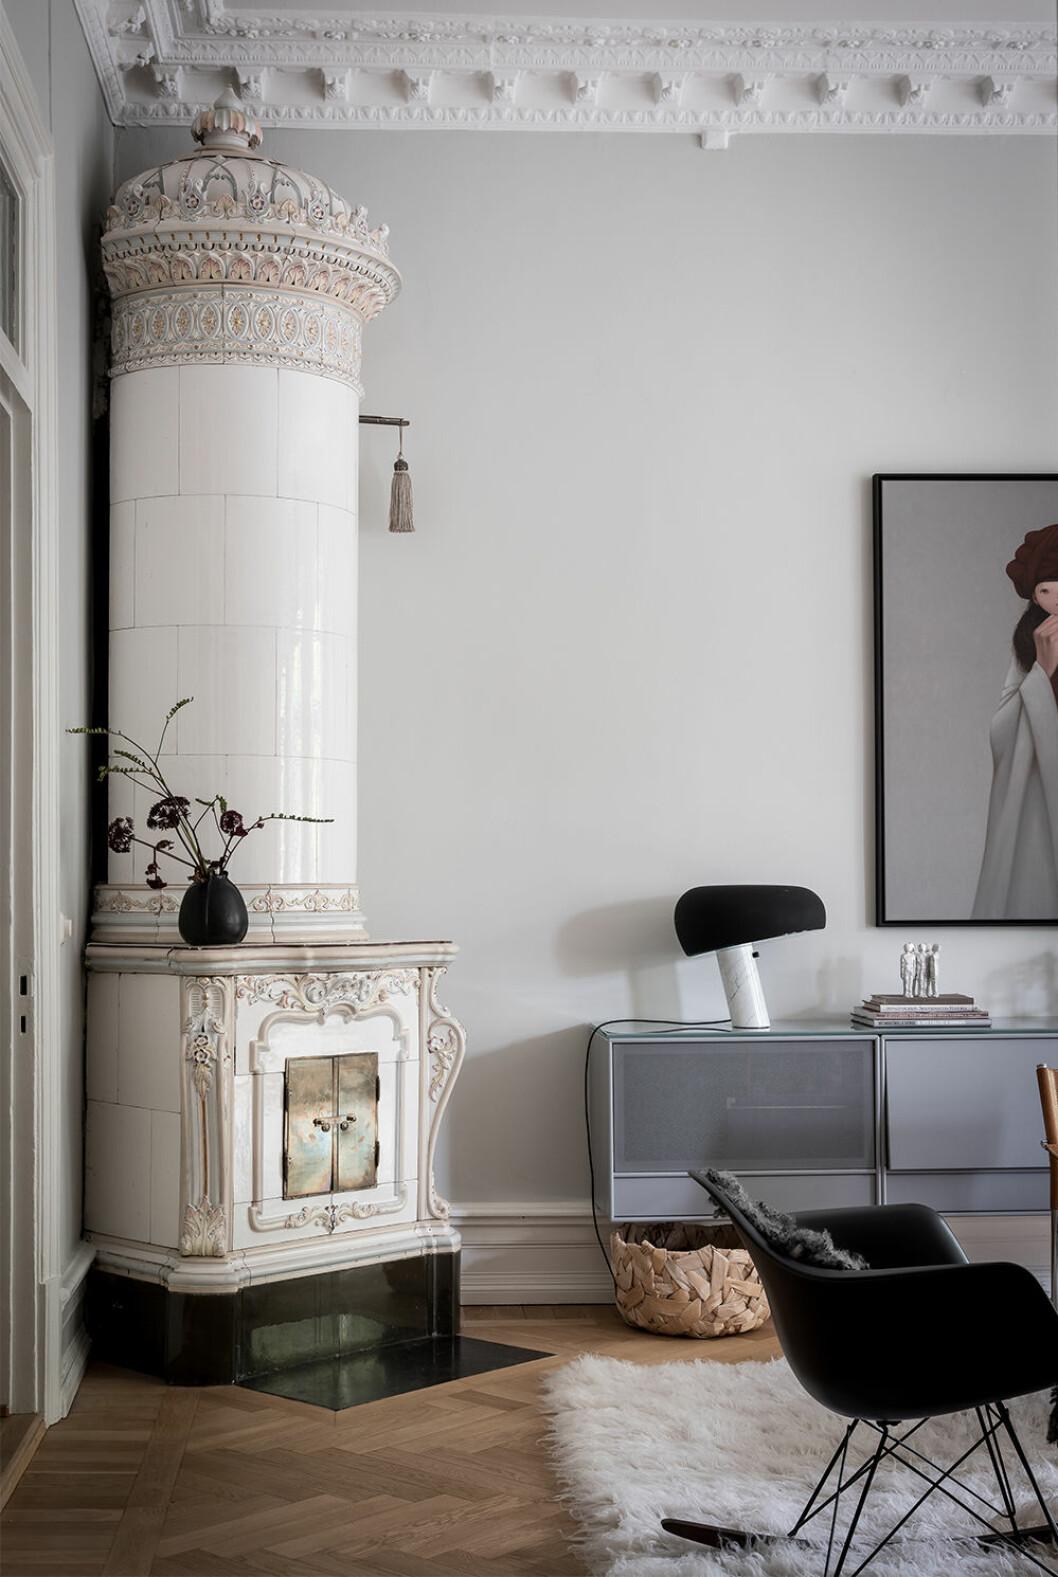 Svarta detaljer med vas och lampa i svart